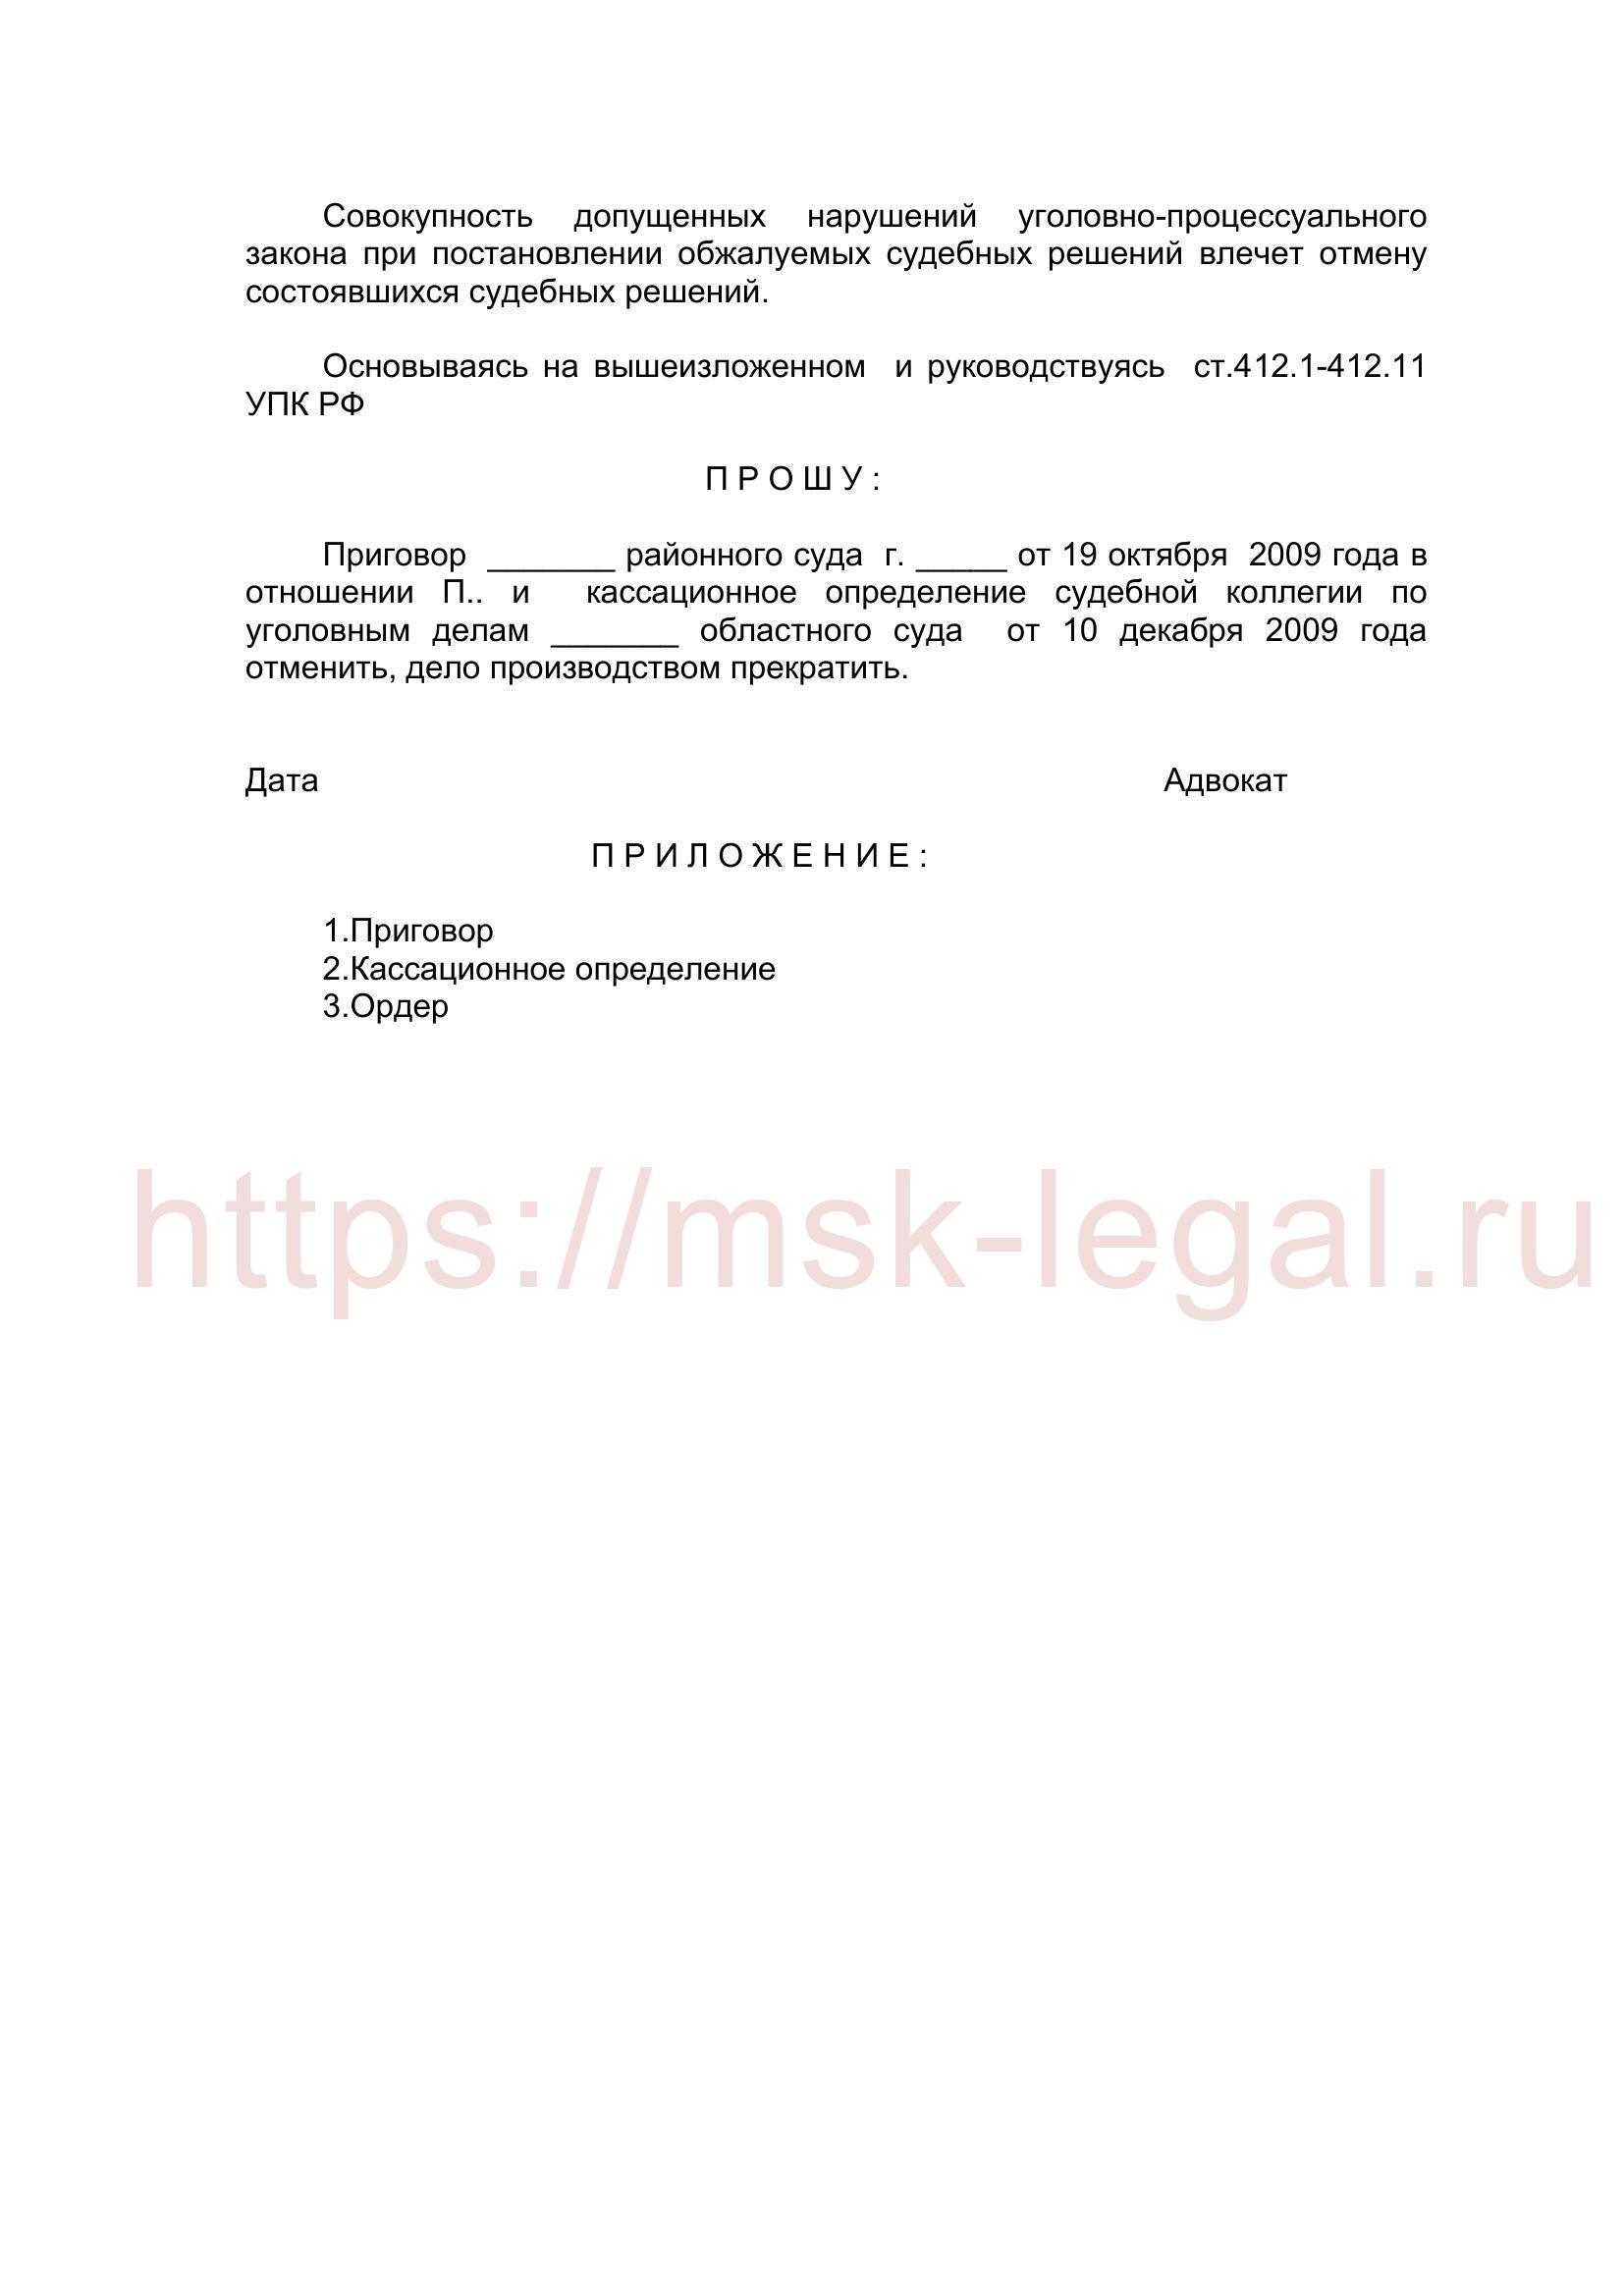 Надзорная жалоба на приговор и кассационное определение (ст. 124 УК РФ)